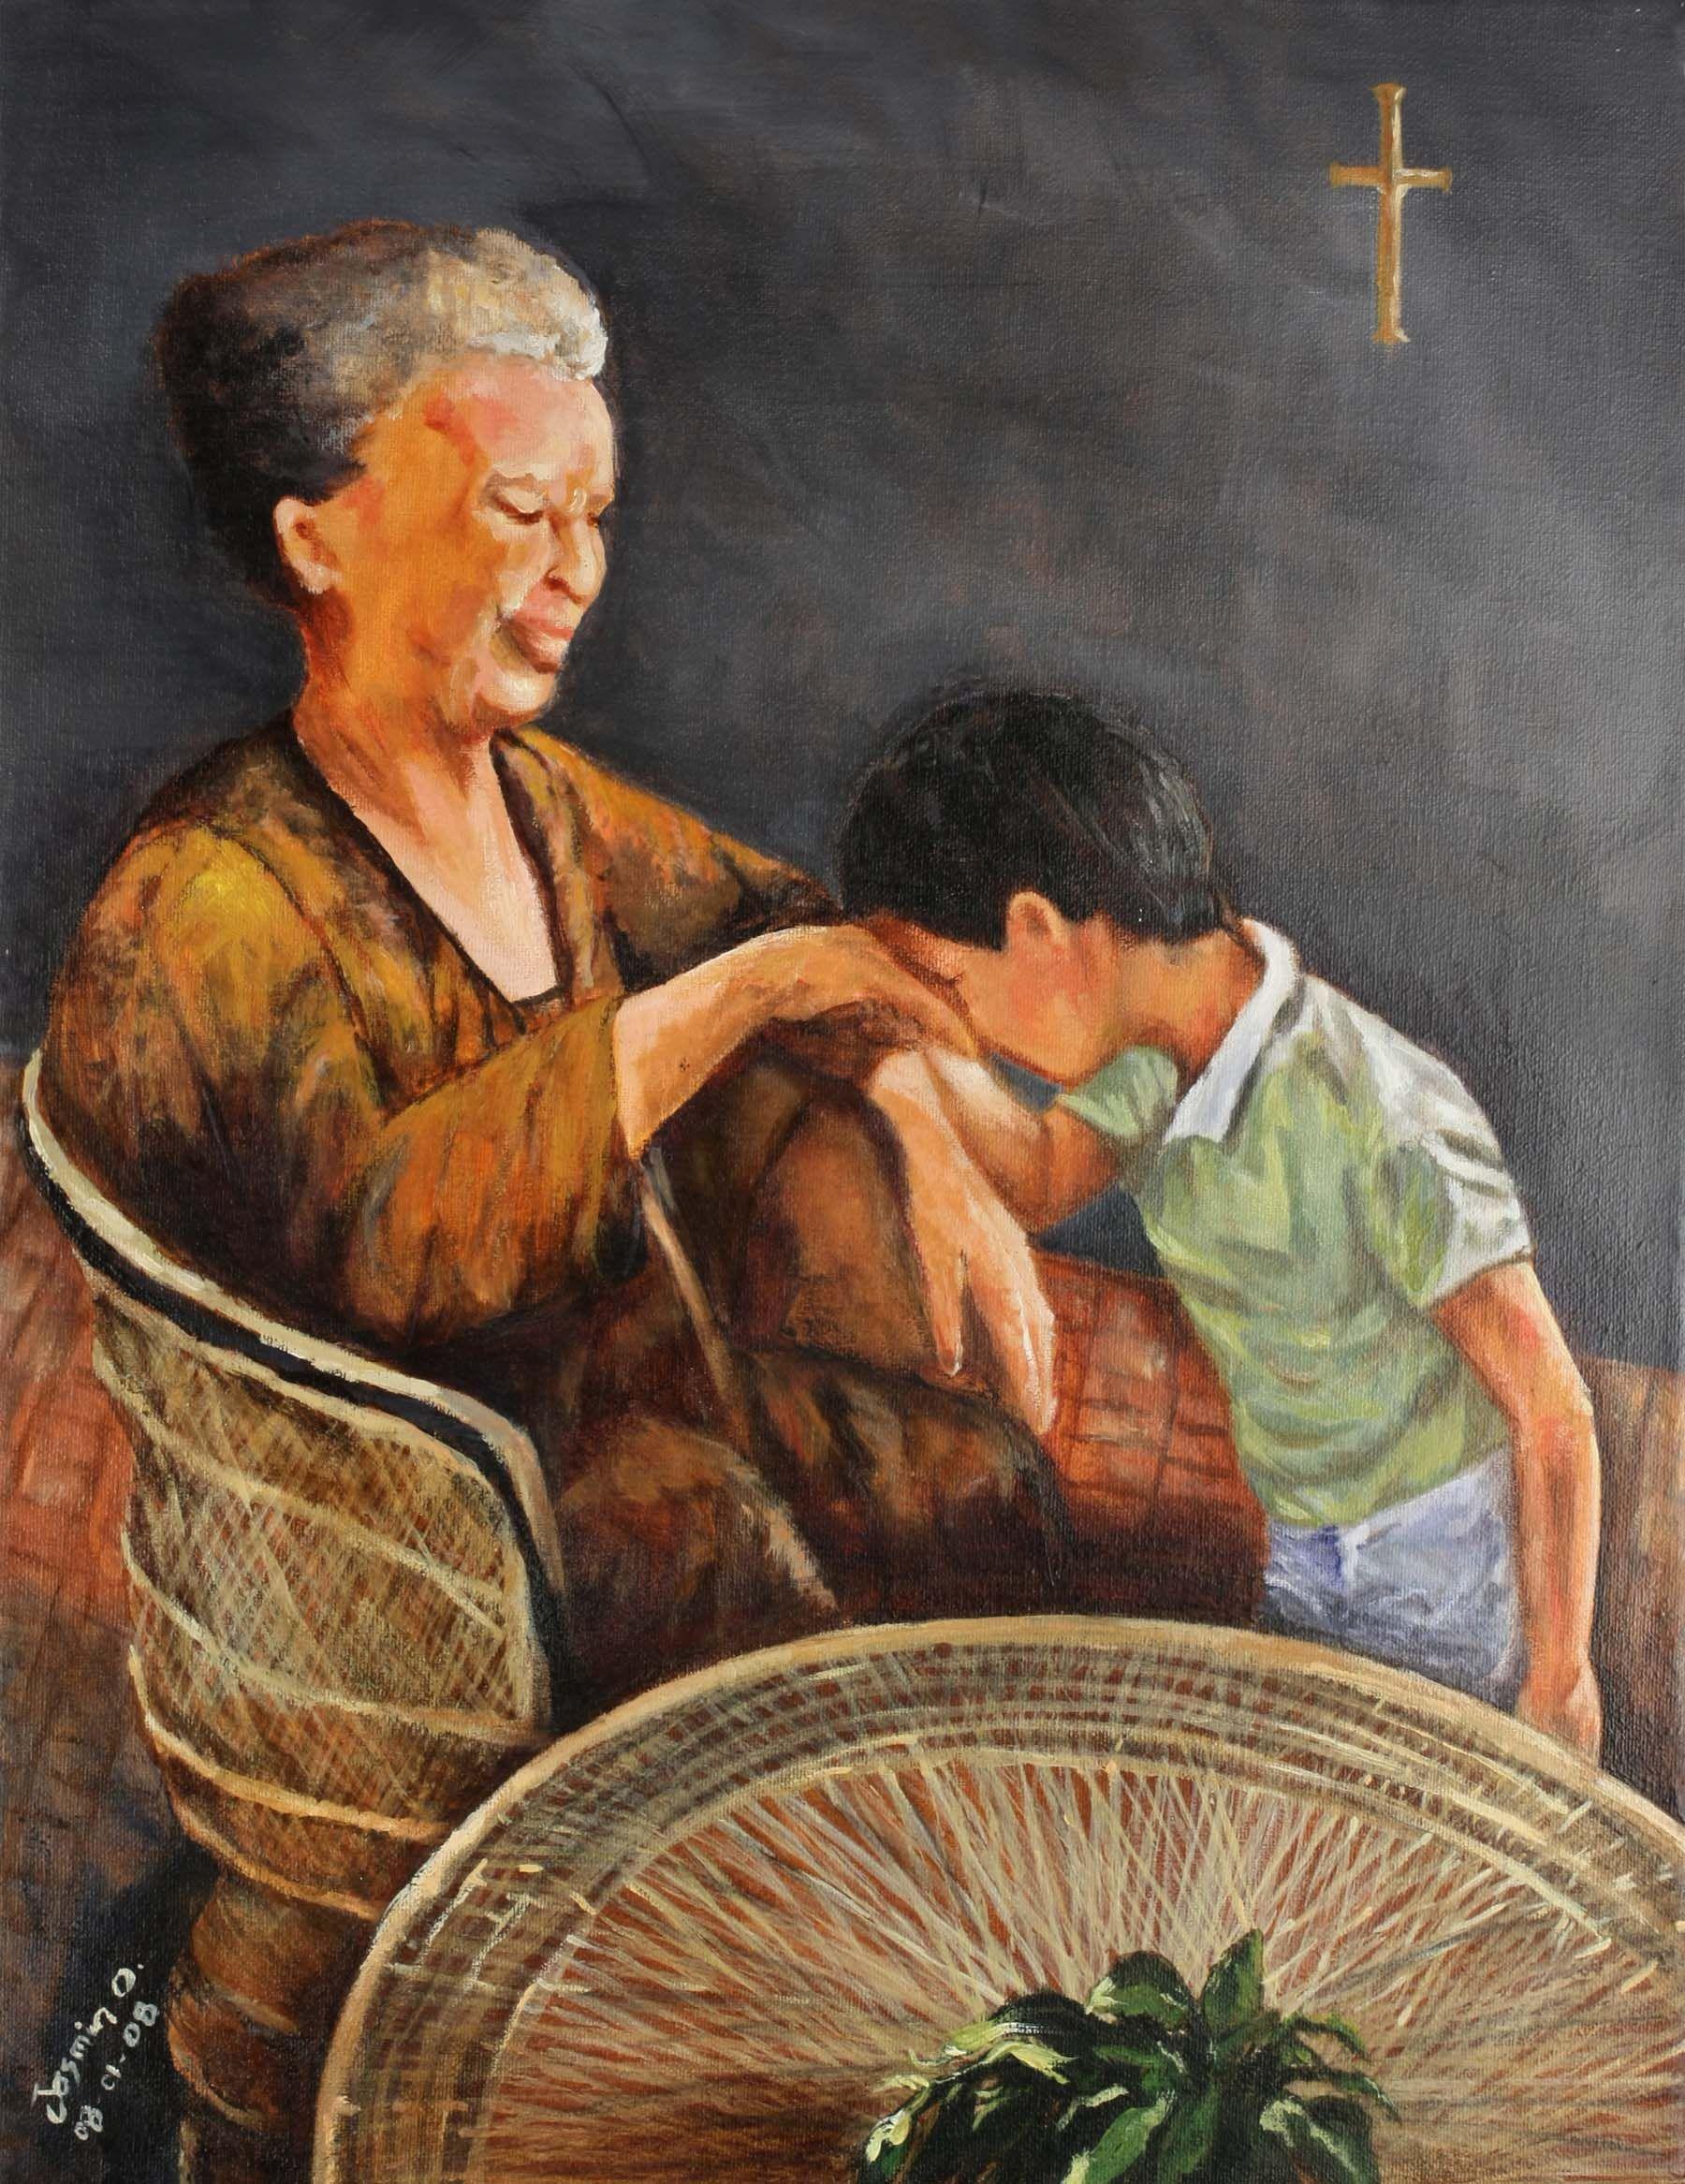 Mano po Filipino art, Philippines culture, Filipino culture